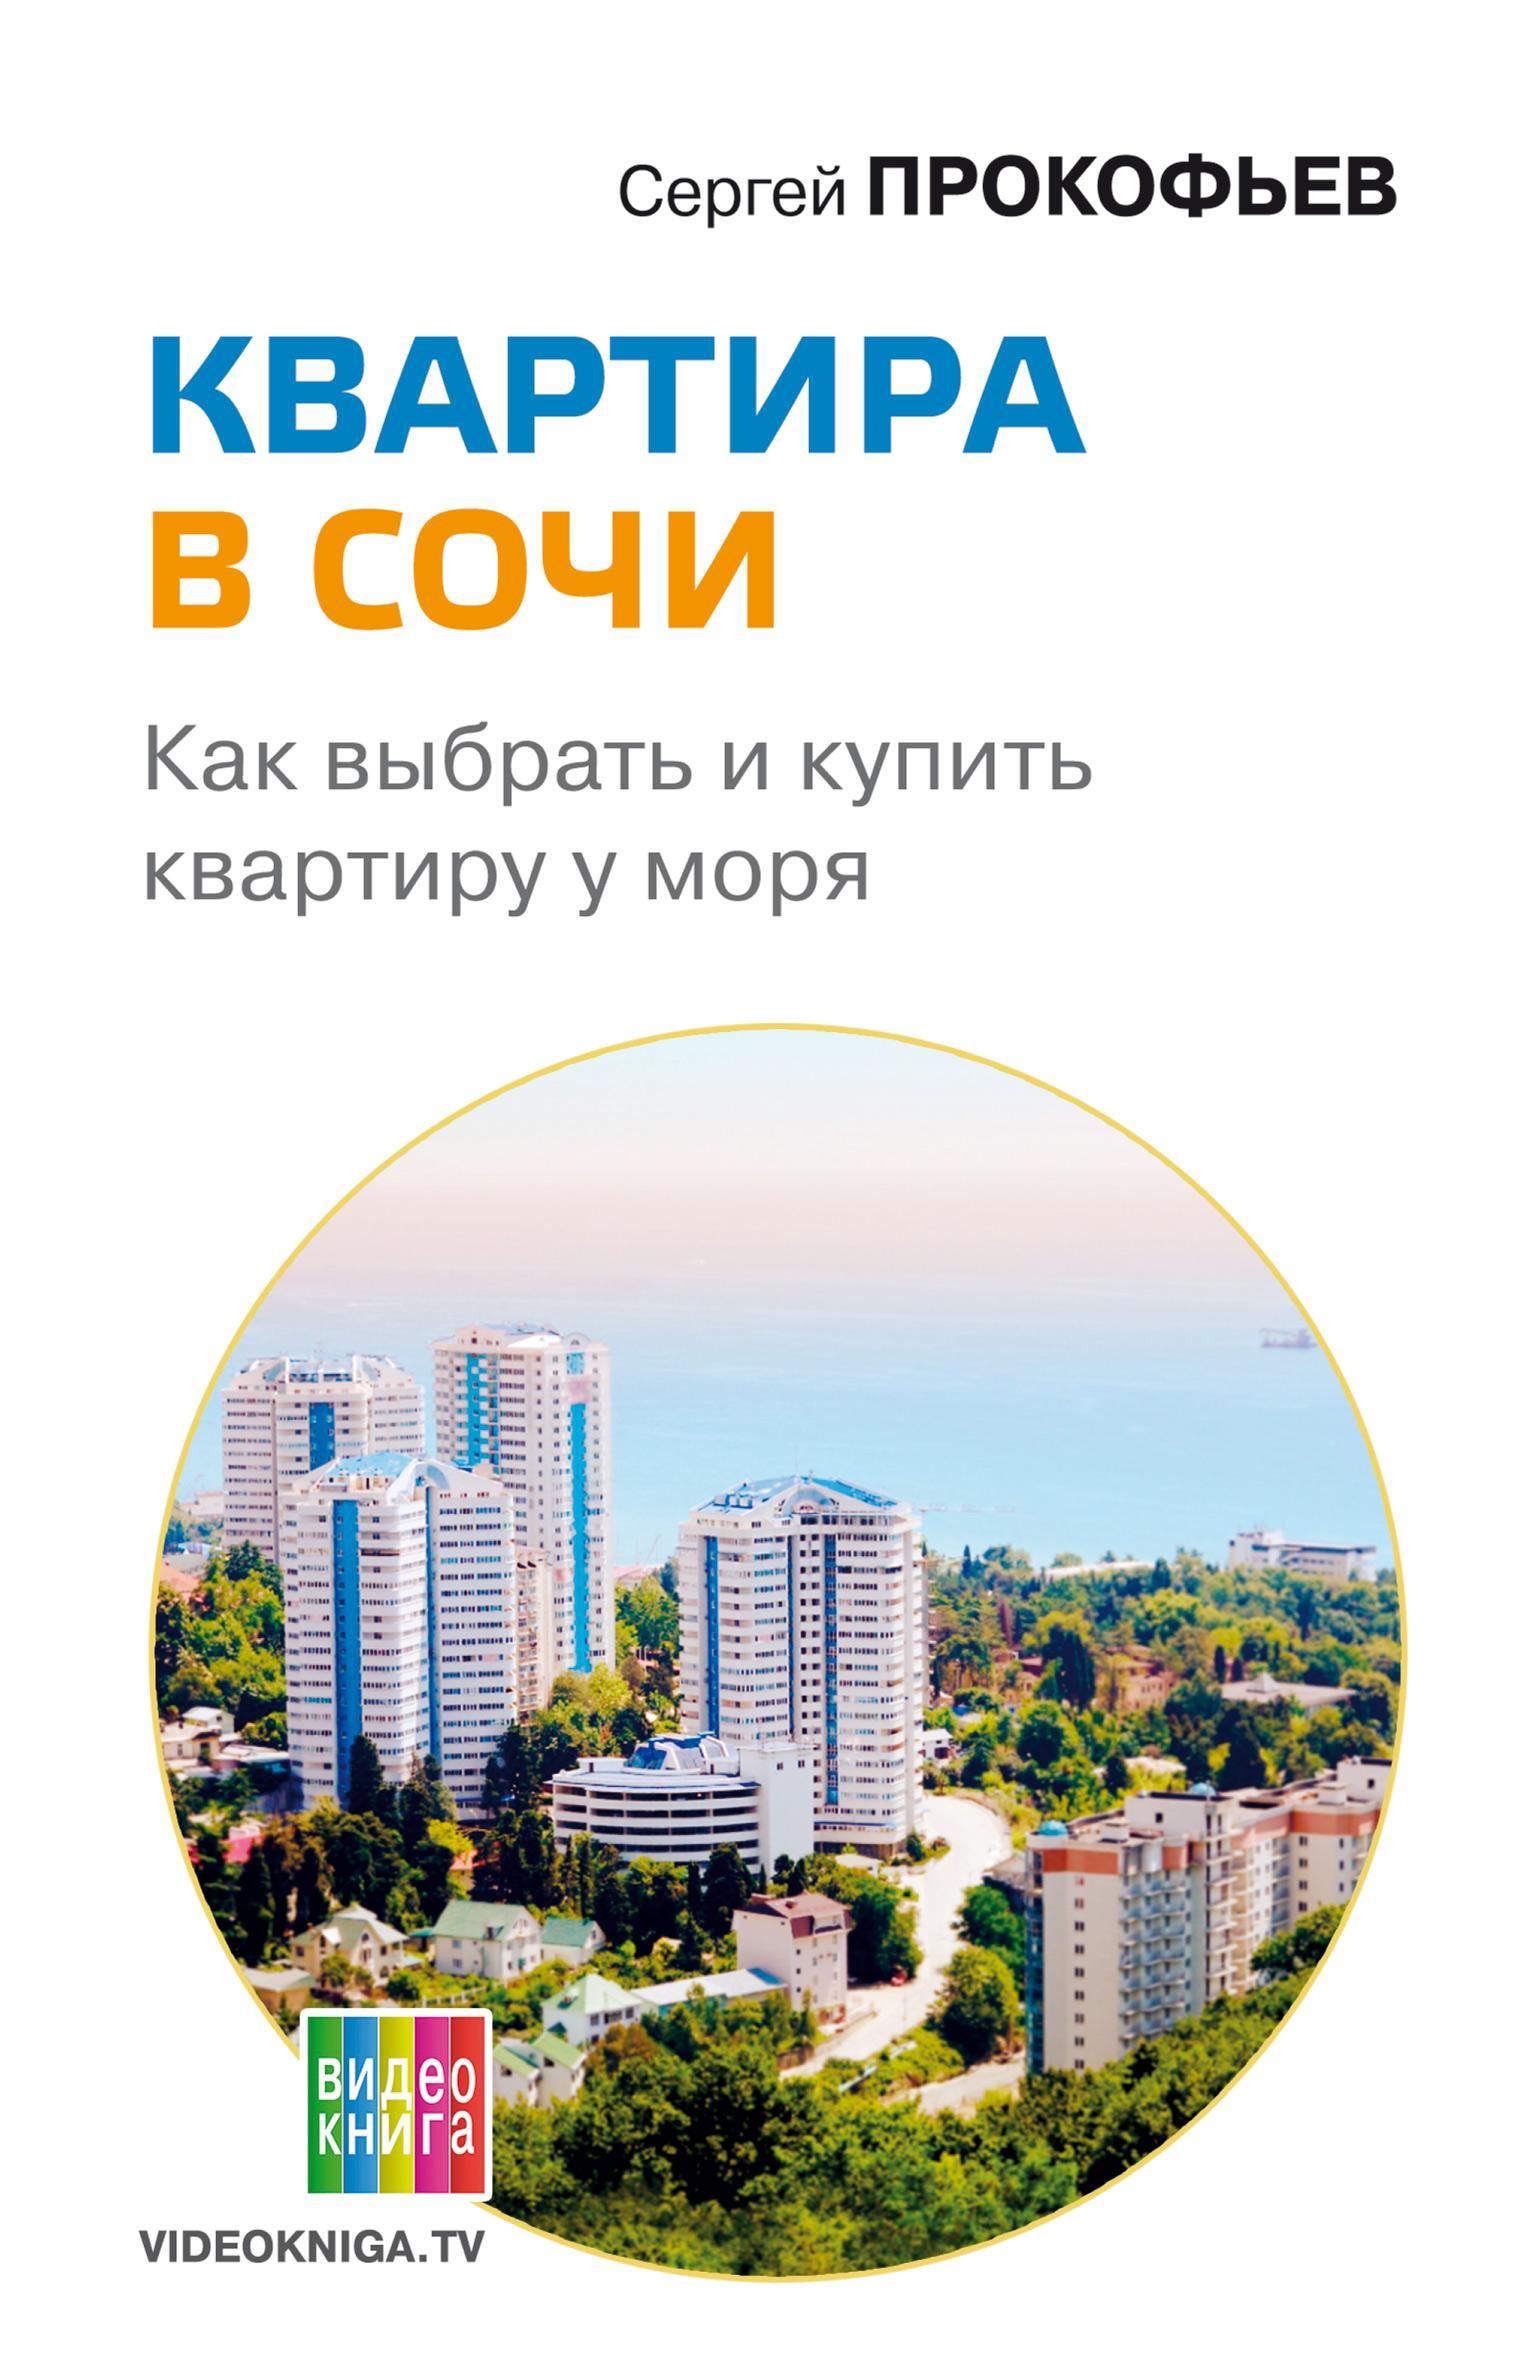 Сергей Прокофьев Квартира в Сочи. Как выбрать и квартиру у моря